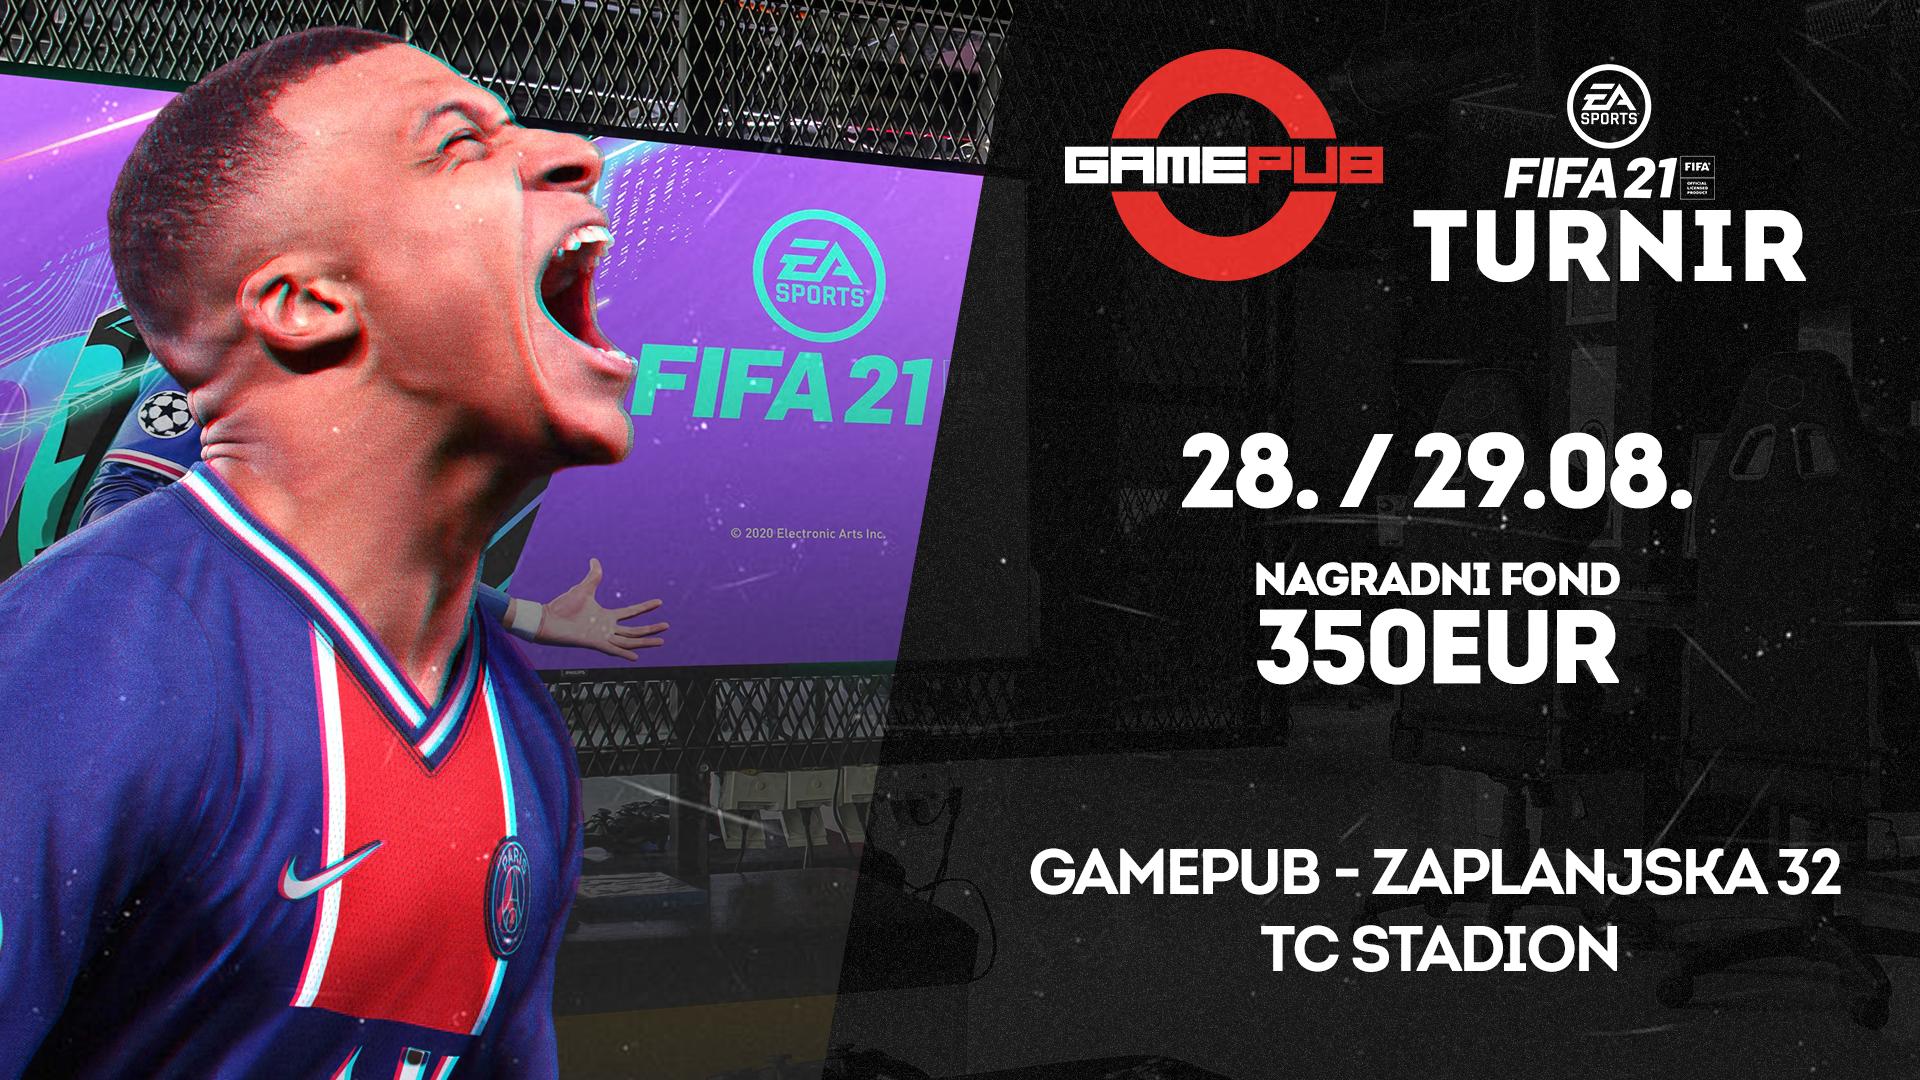 FIFAGamepub-turnir-avgust